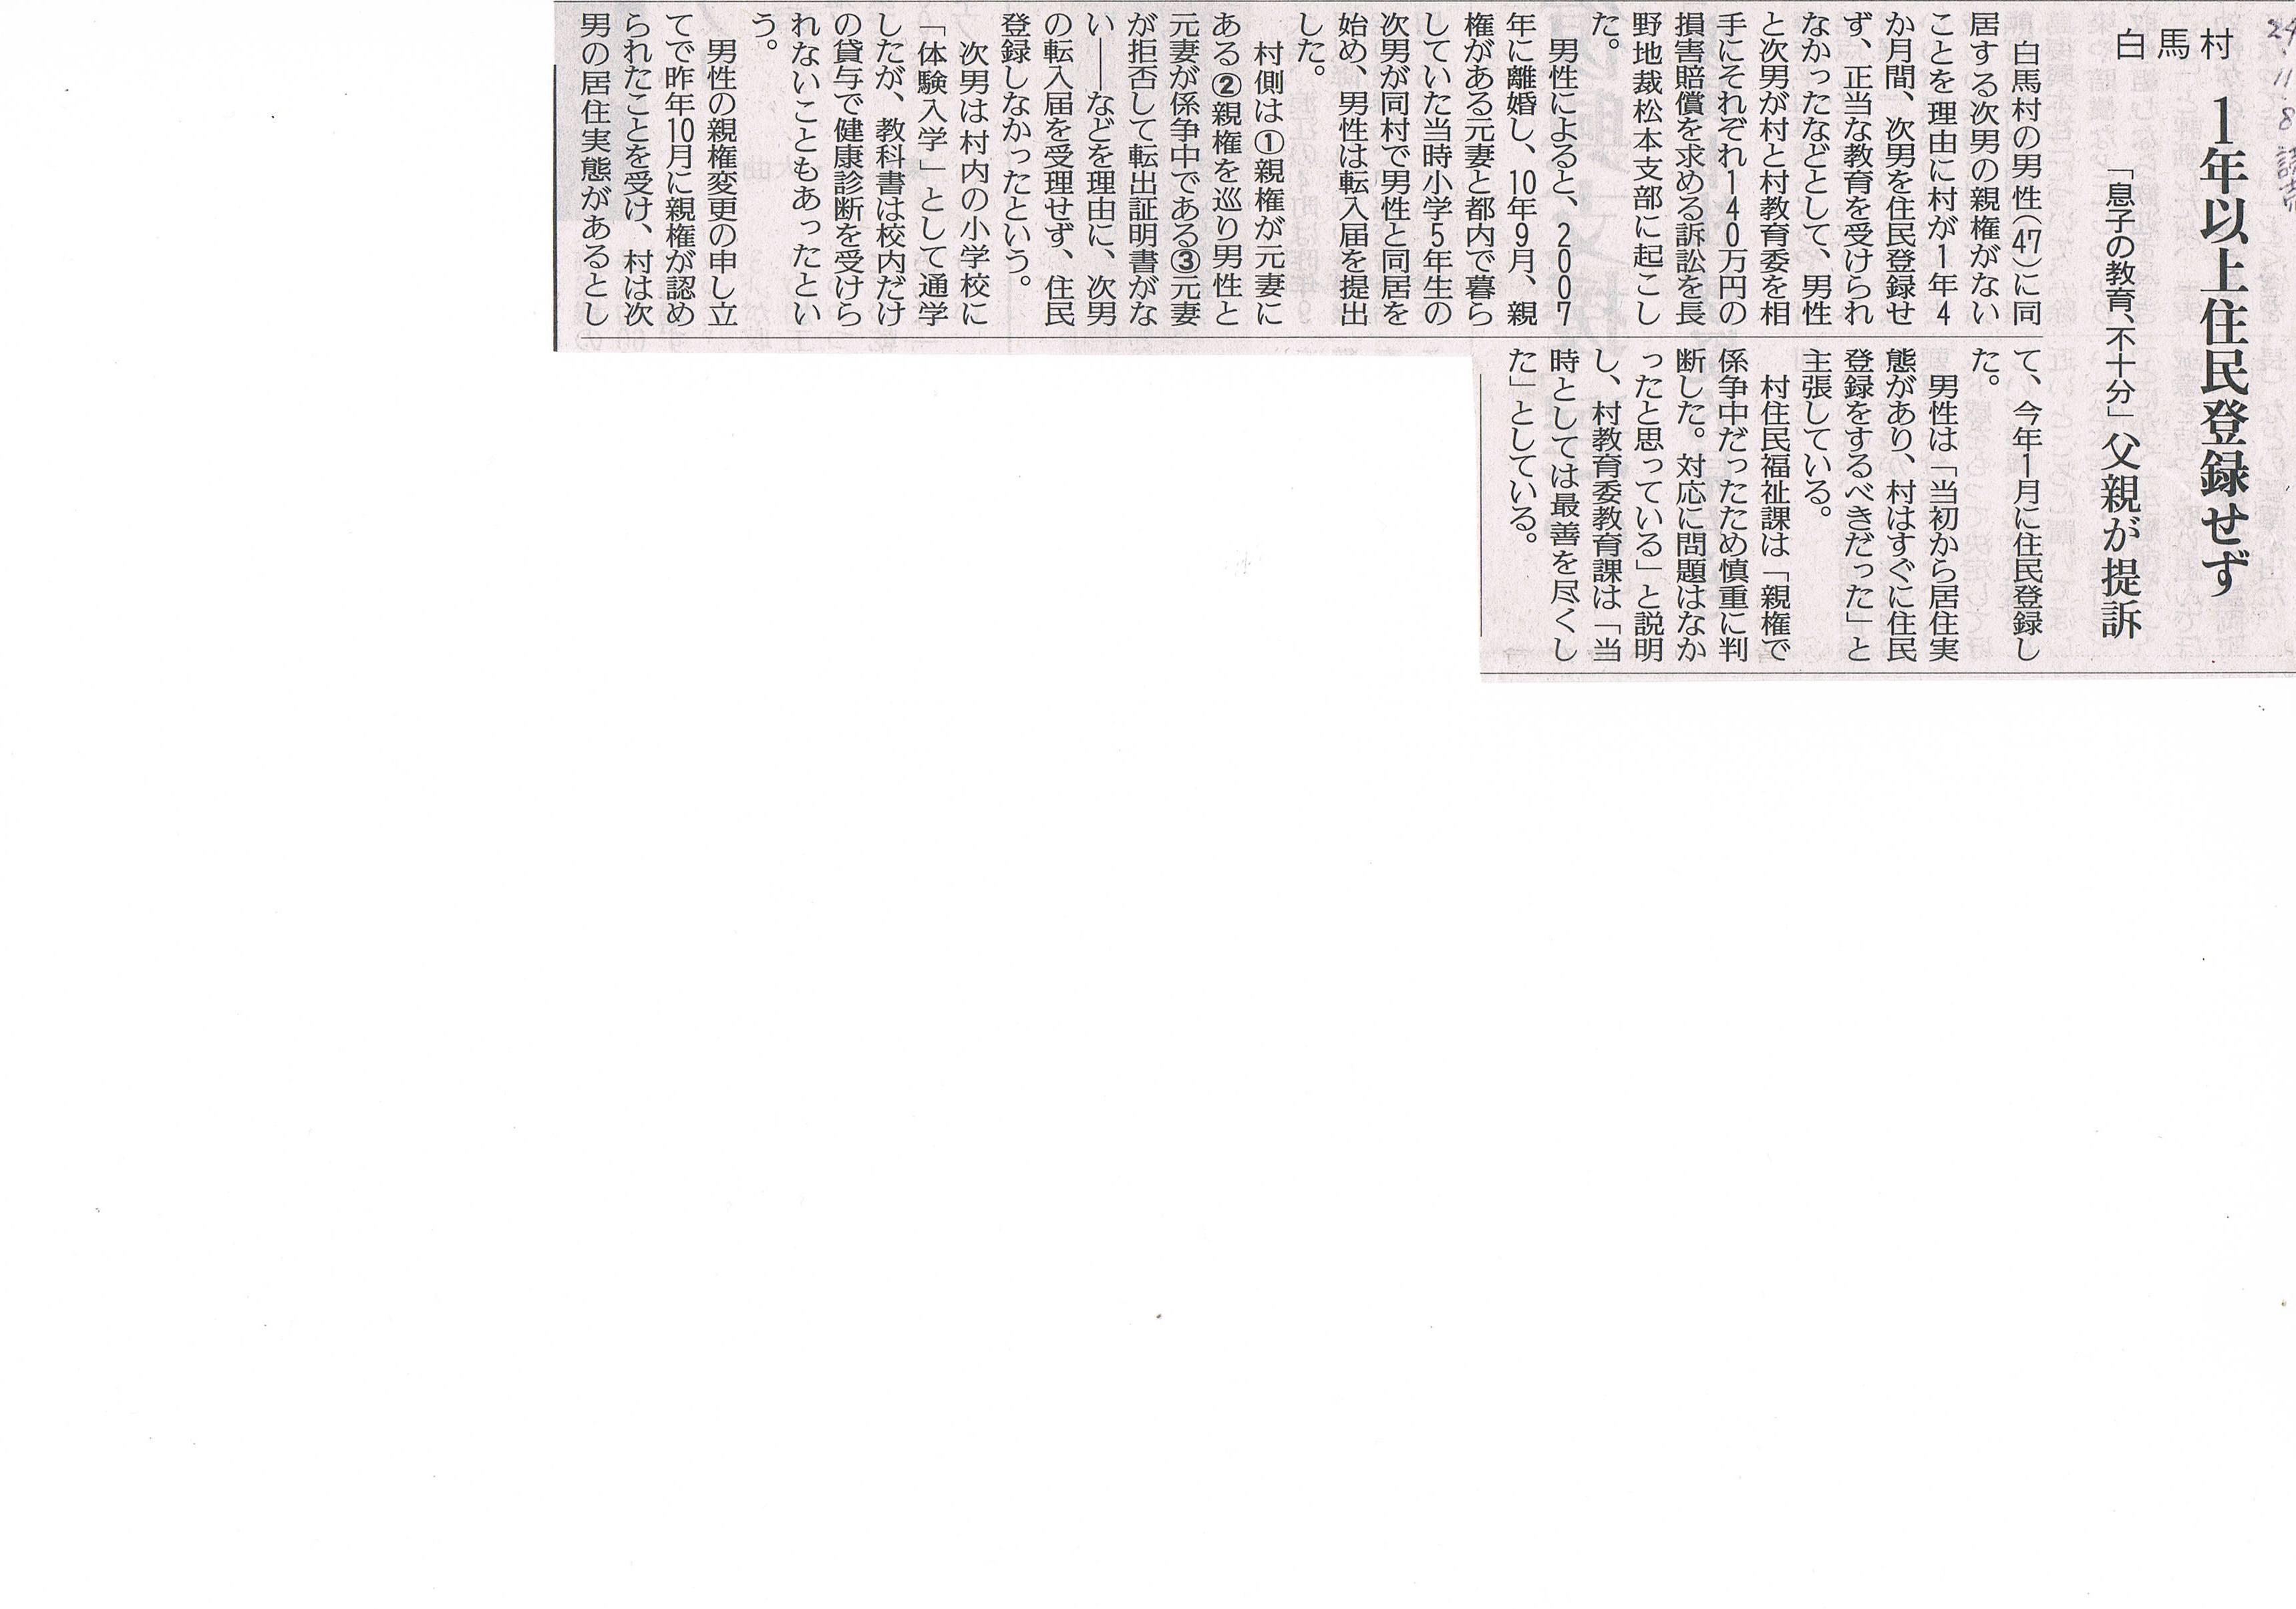 24.11.08読売新聞転入拒否事件